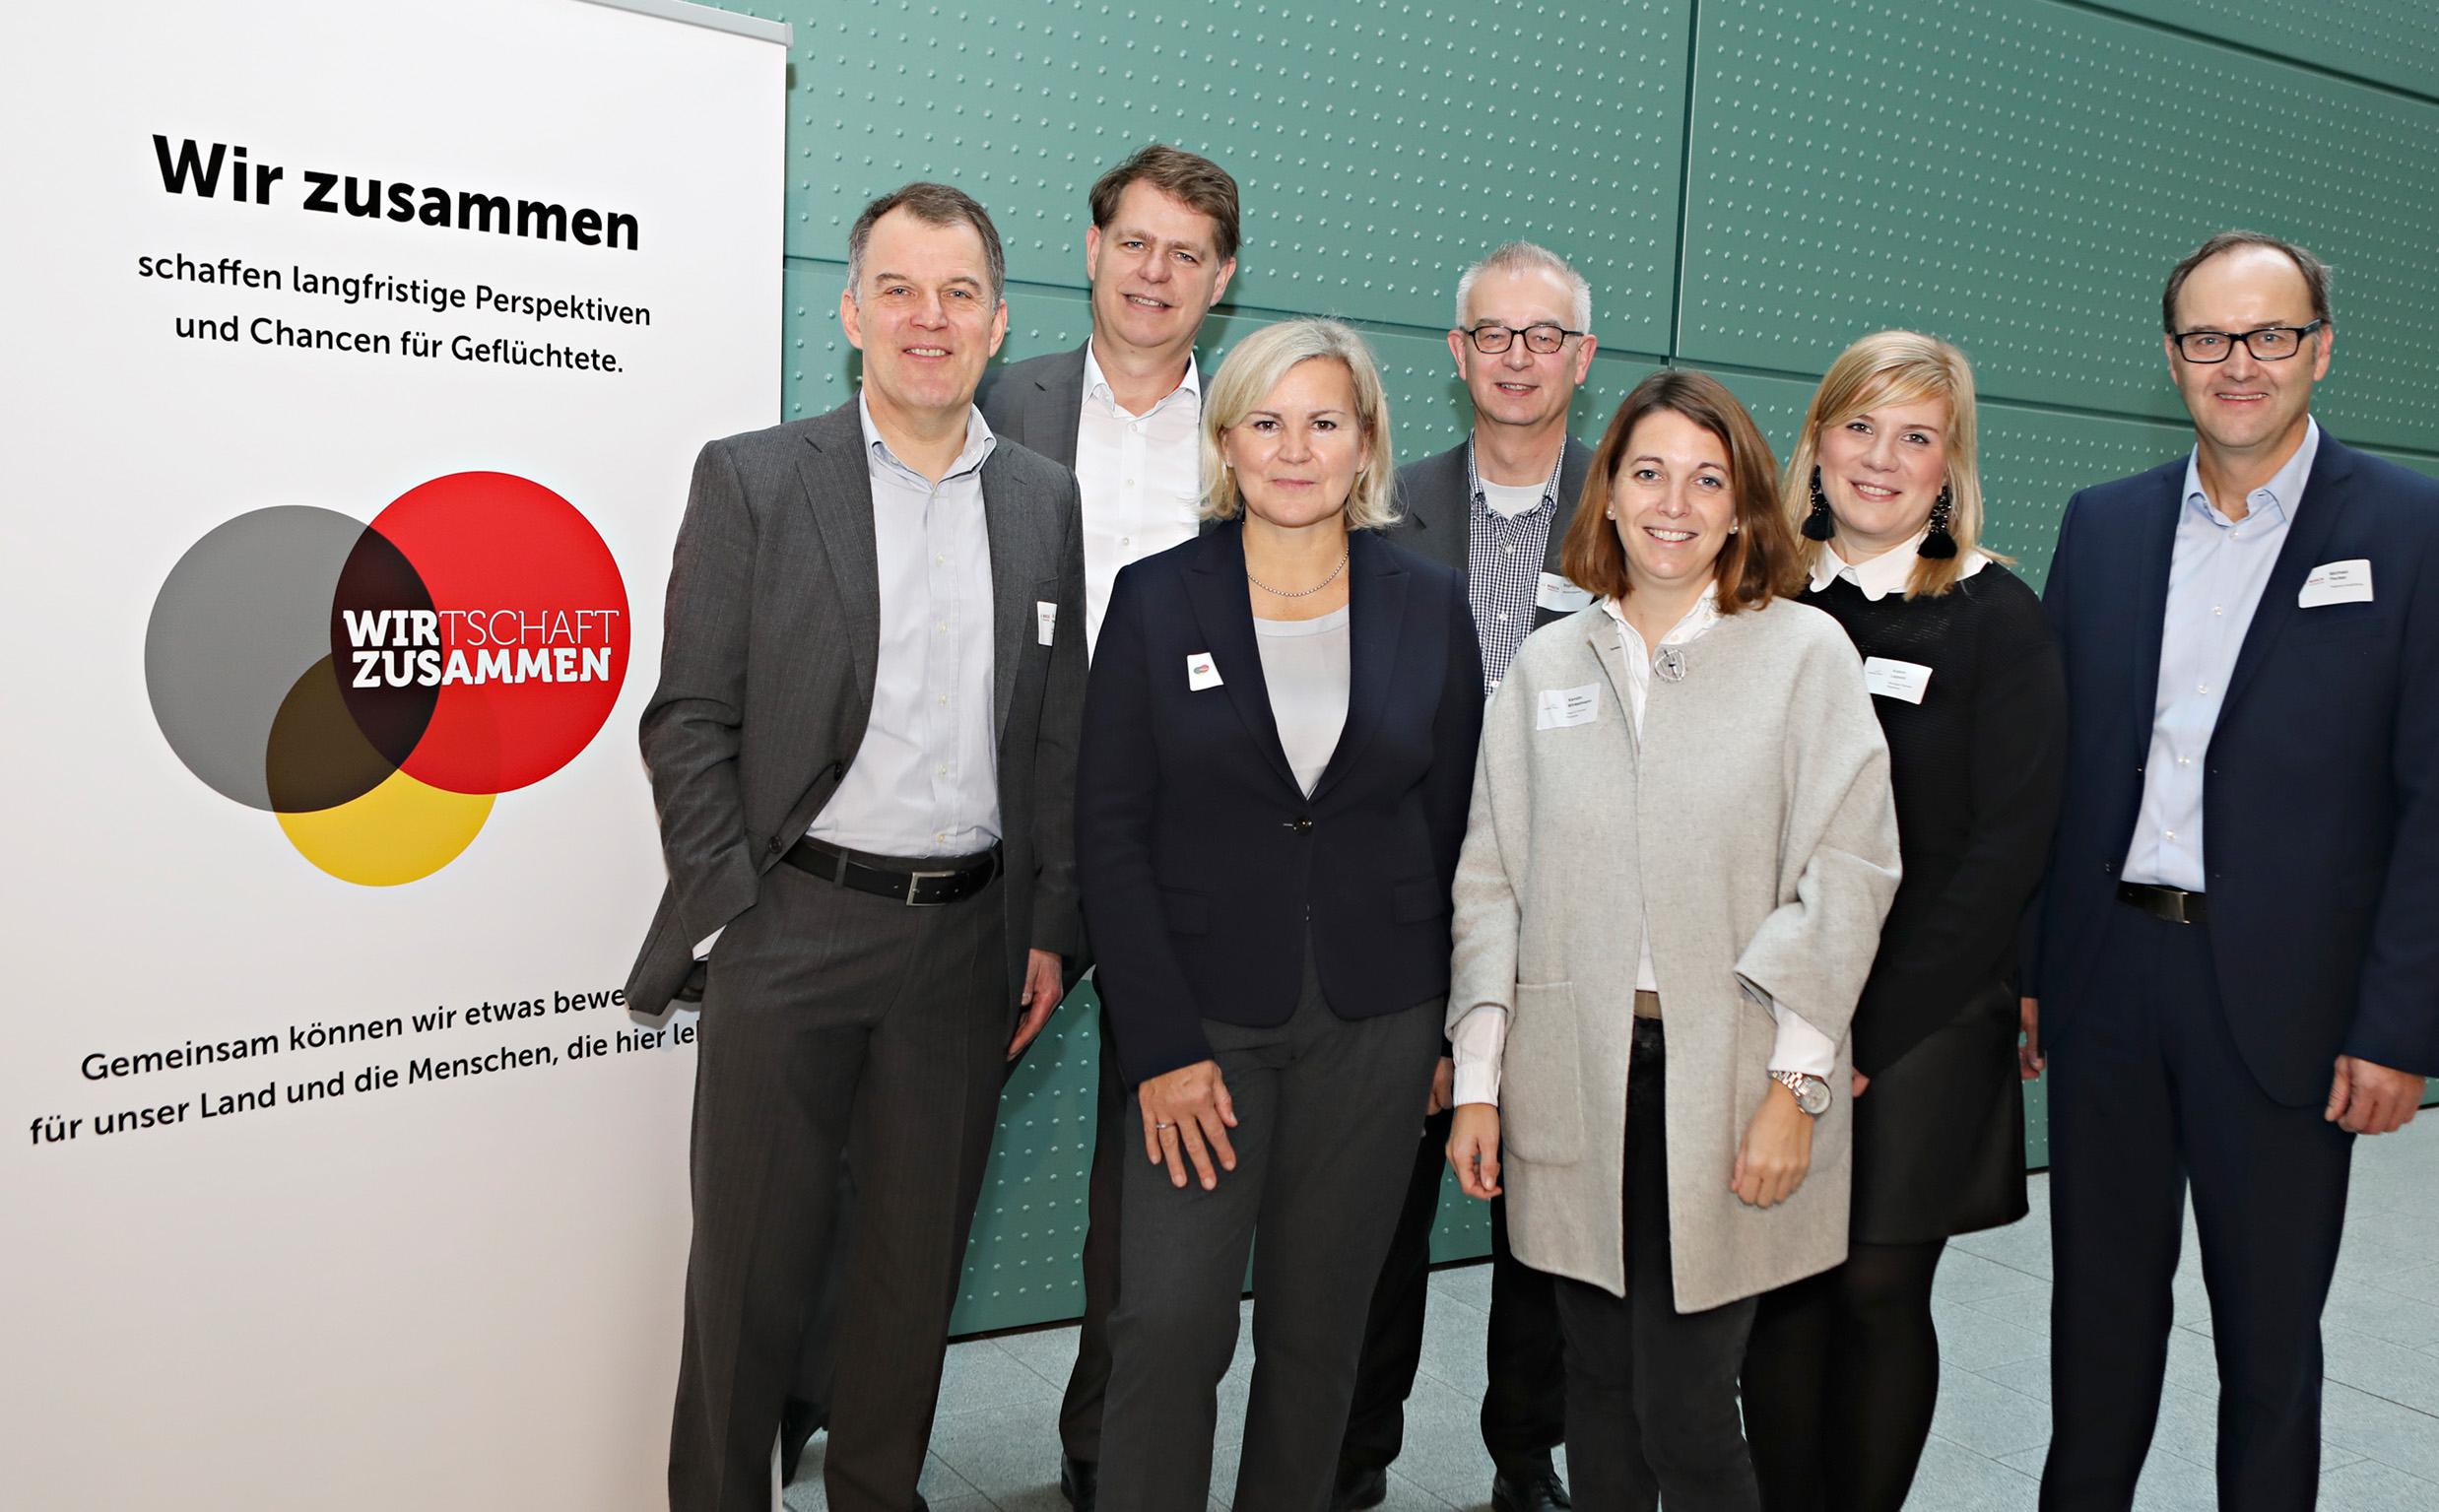 """""""Wir zusammen"""" – Netzwerktreffen in Stuttgart"""